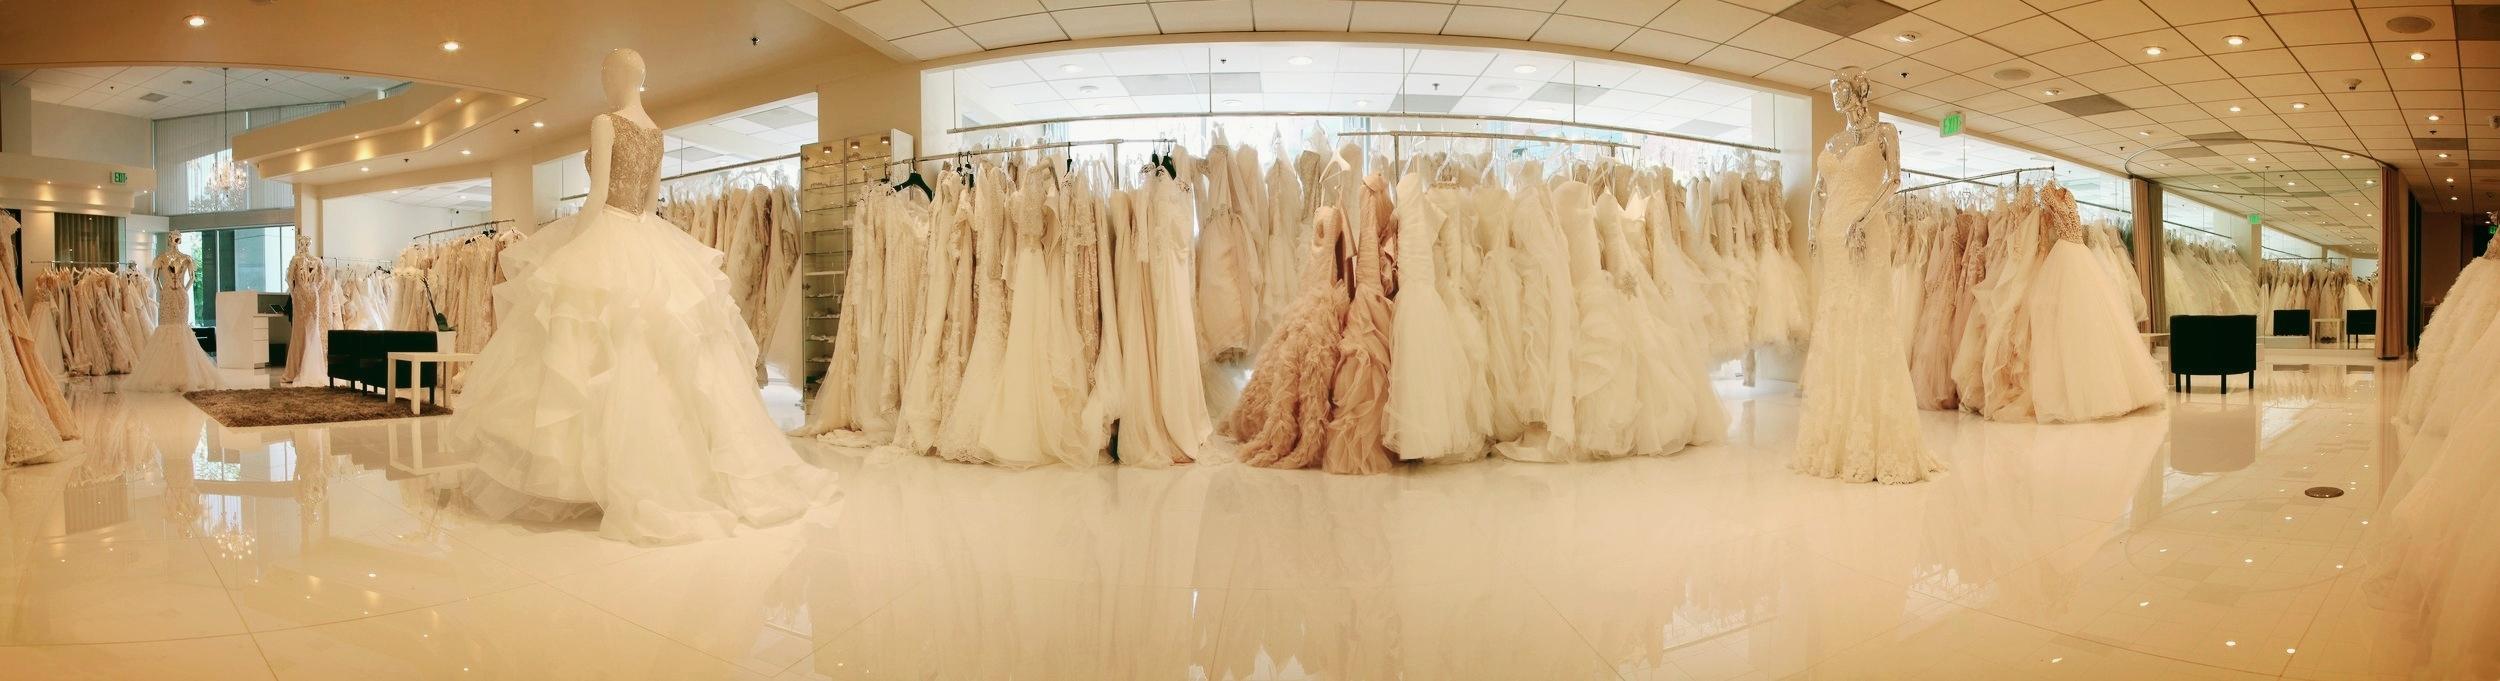 Le Marriage Couture Los Angeles Bridal Salon